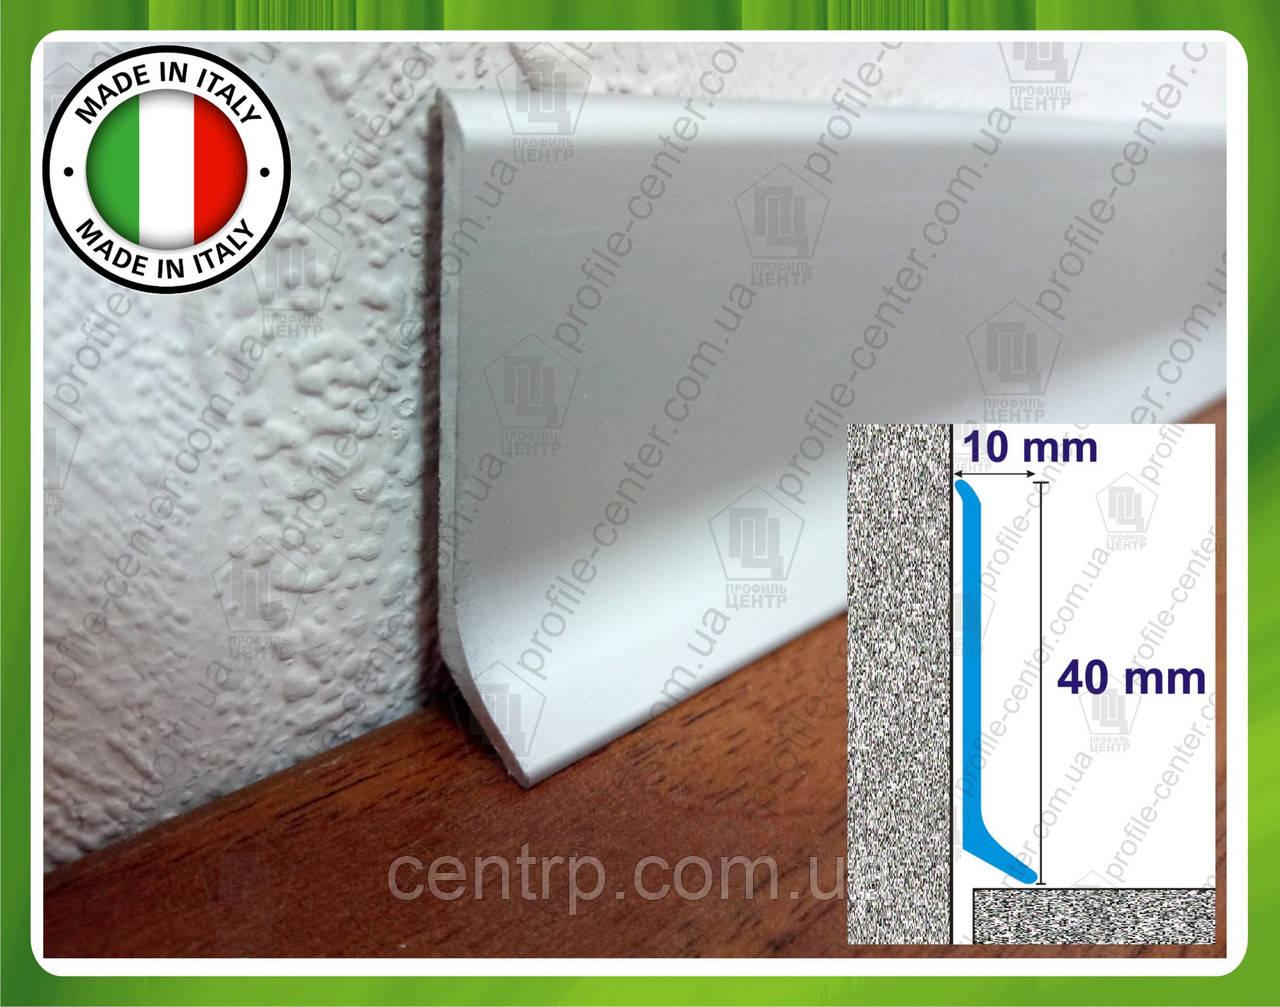 Алюминиевый плинтус Profilpas Metal Line 90/4, высота 40 мм